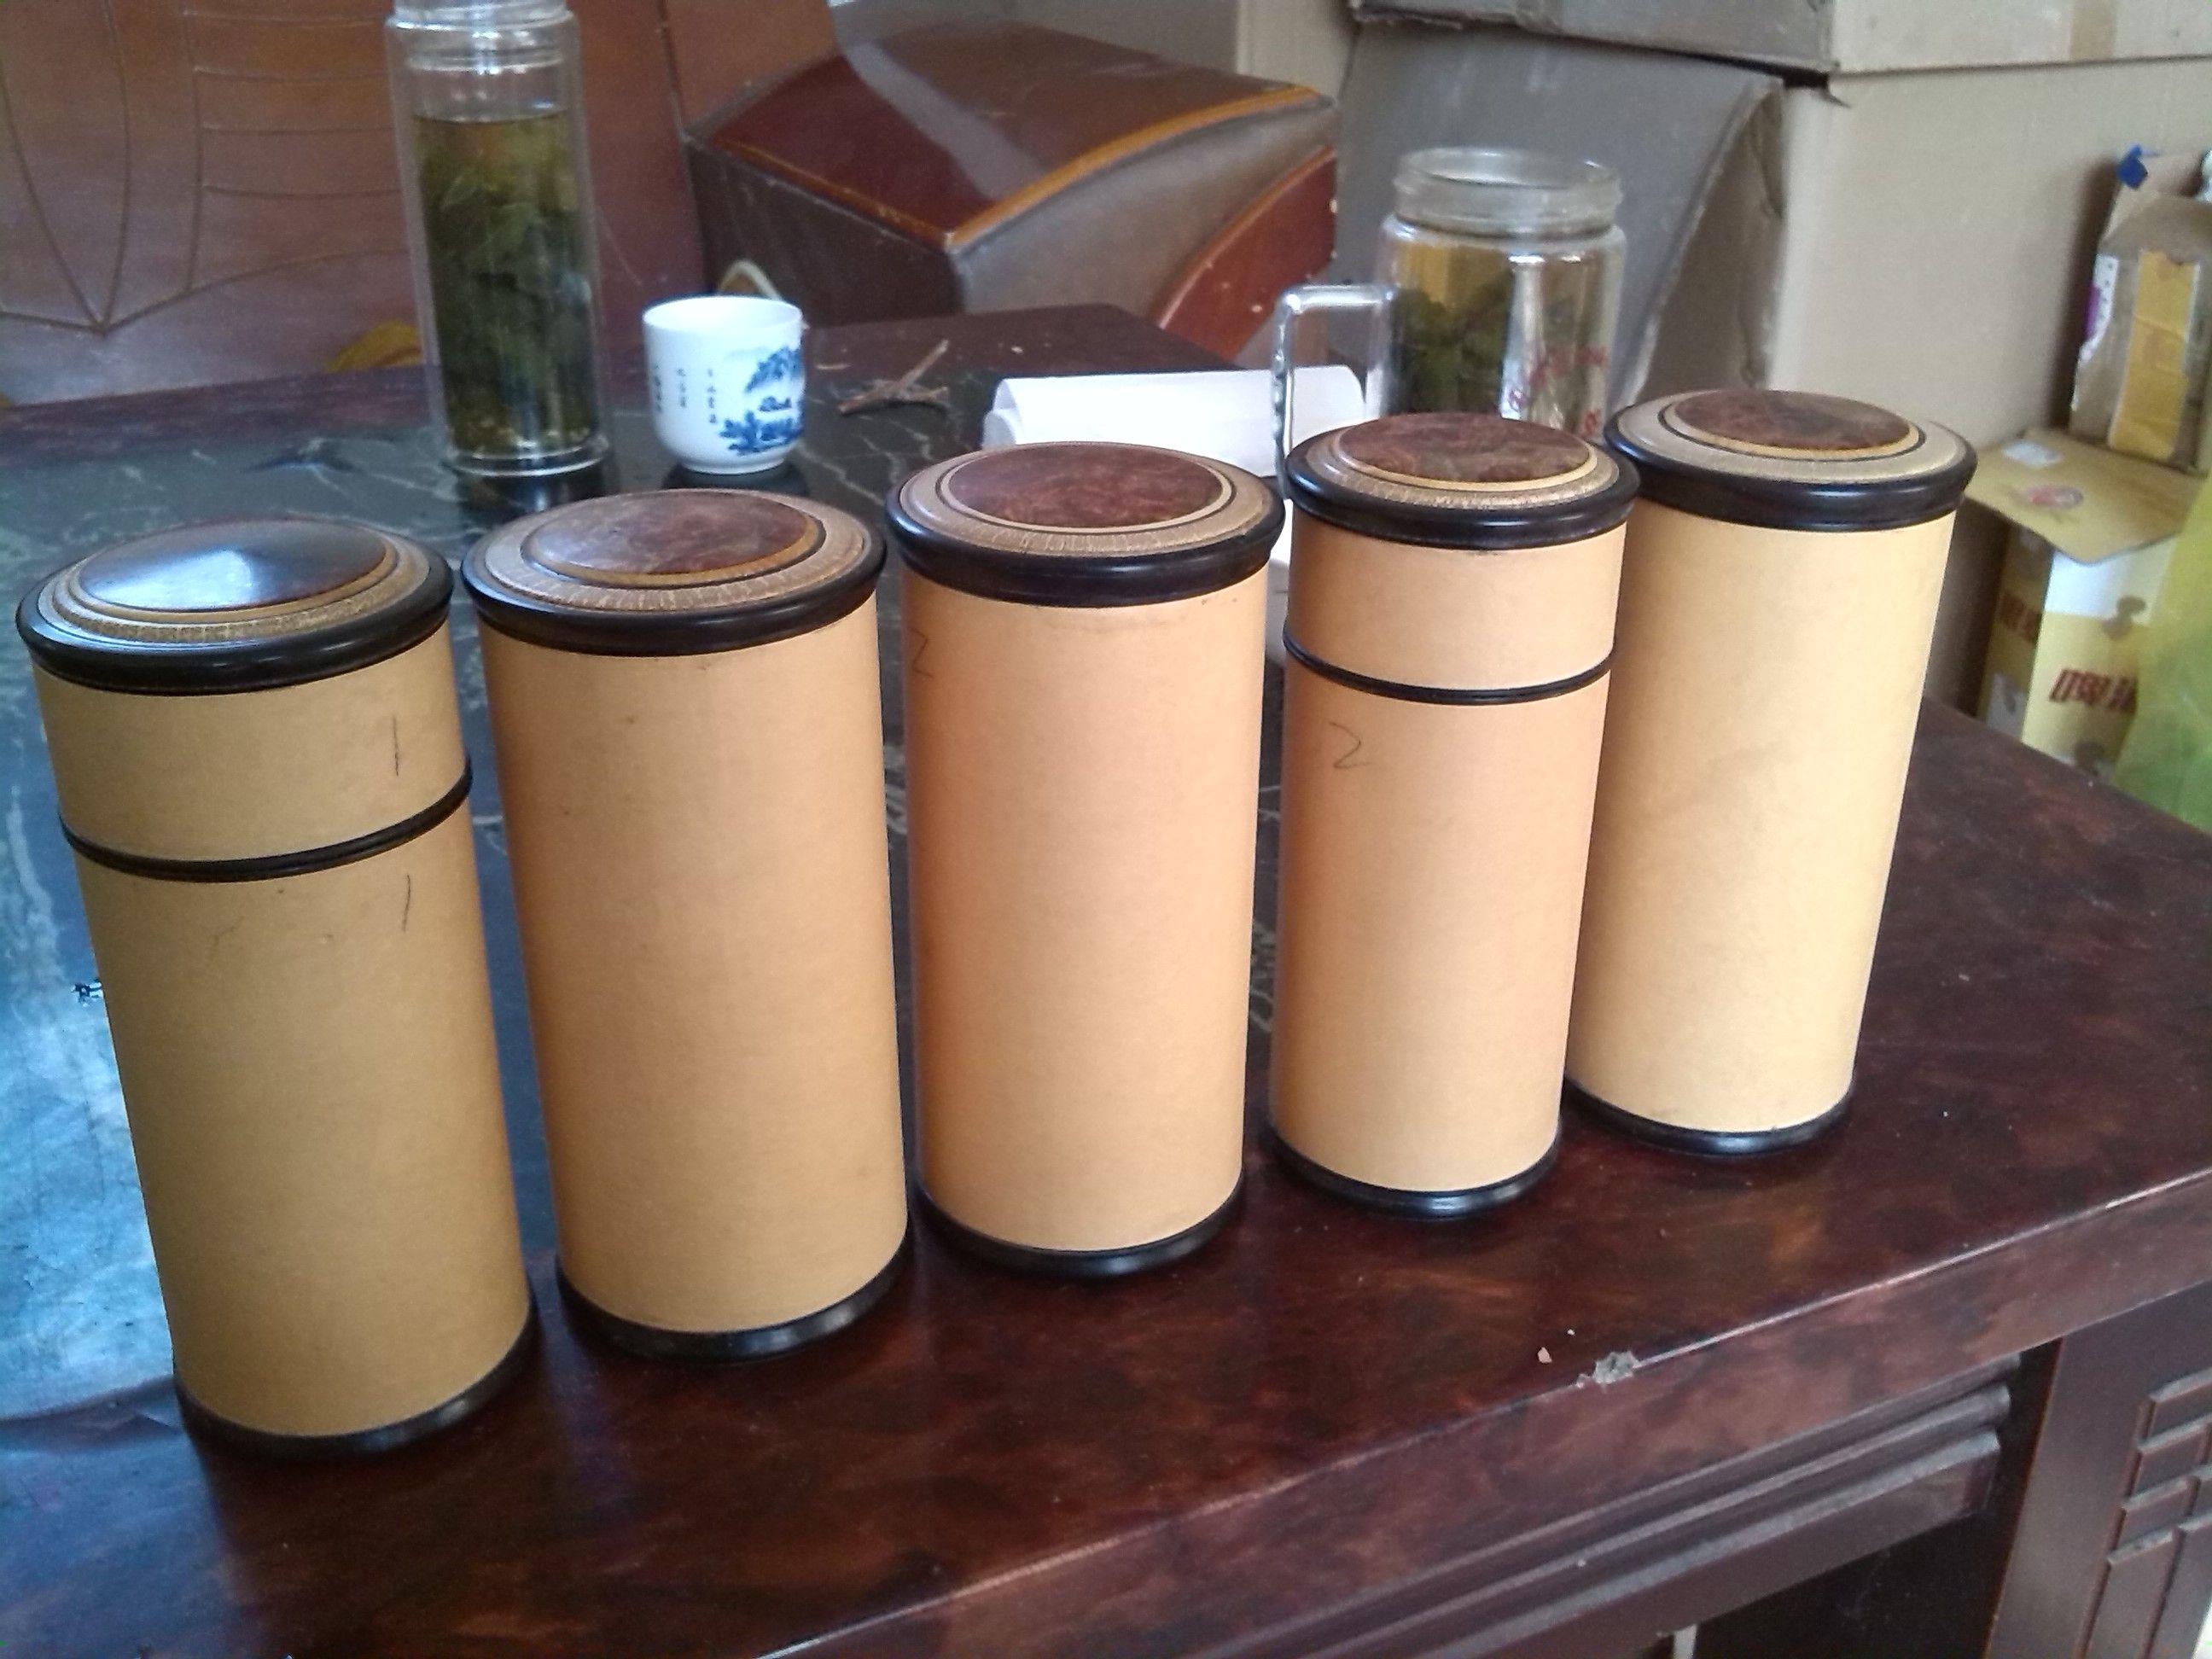 福瑞德天然葫芦茶叶罐竹子内胆把玩精品纯手工工艺可雕刻烙画包邮商品图片